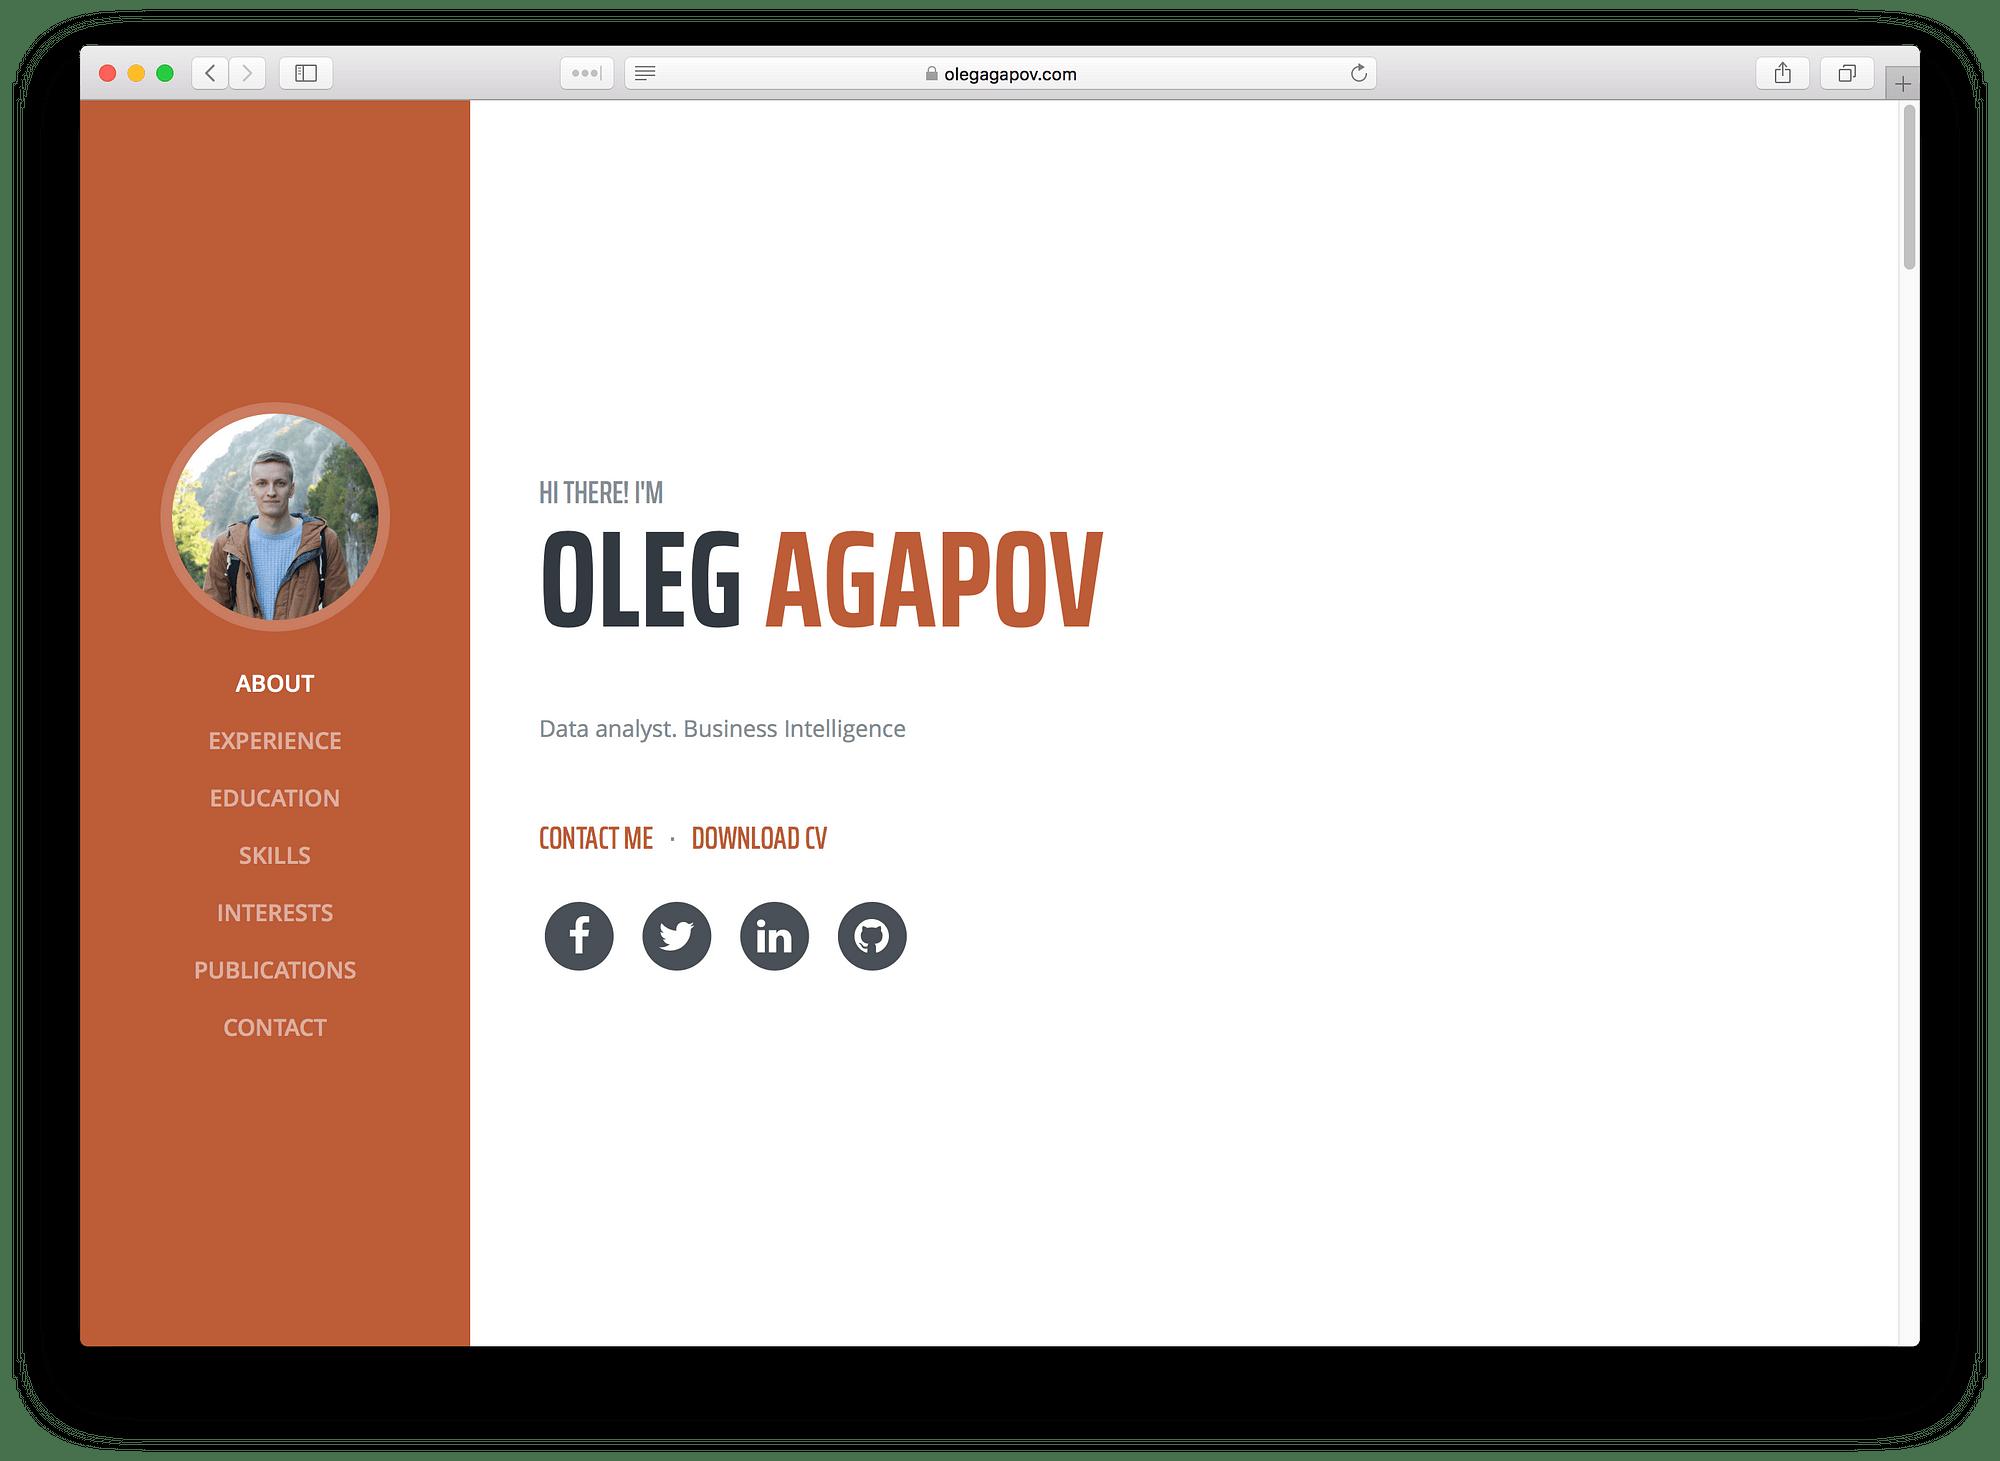 github resume website template